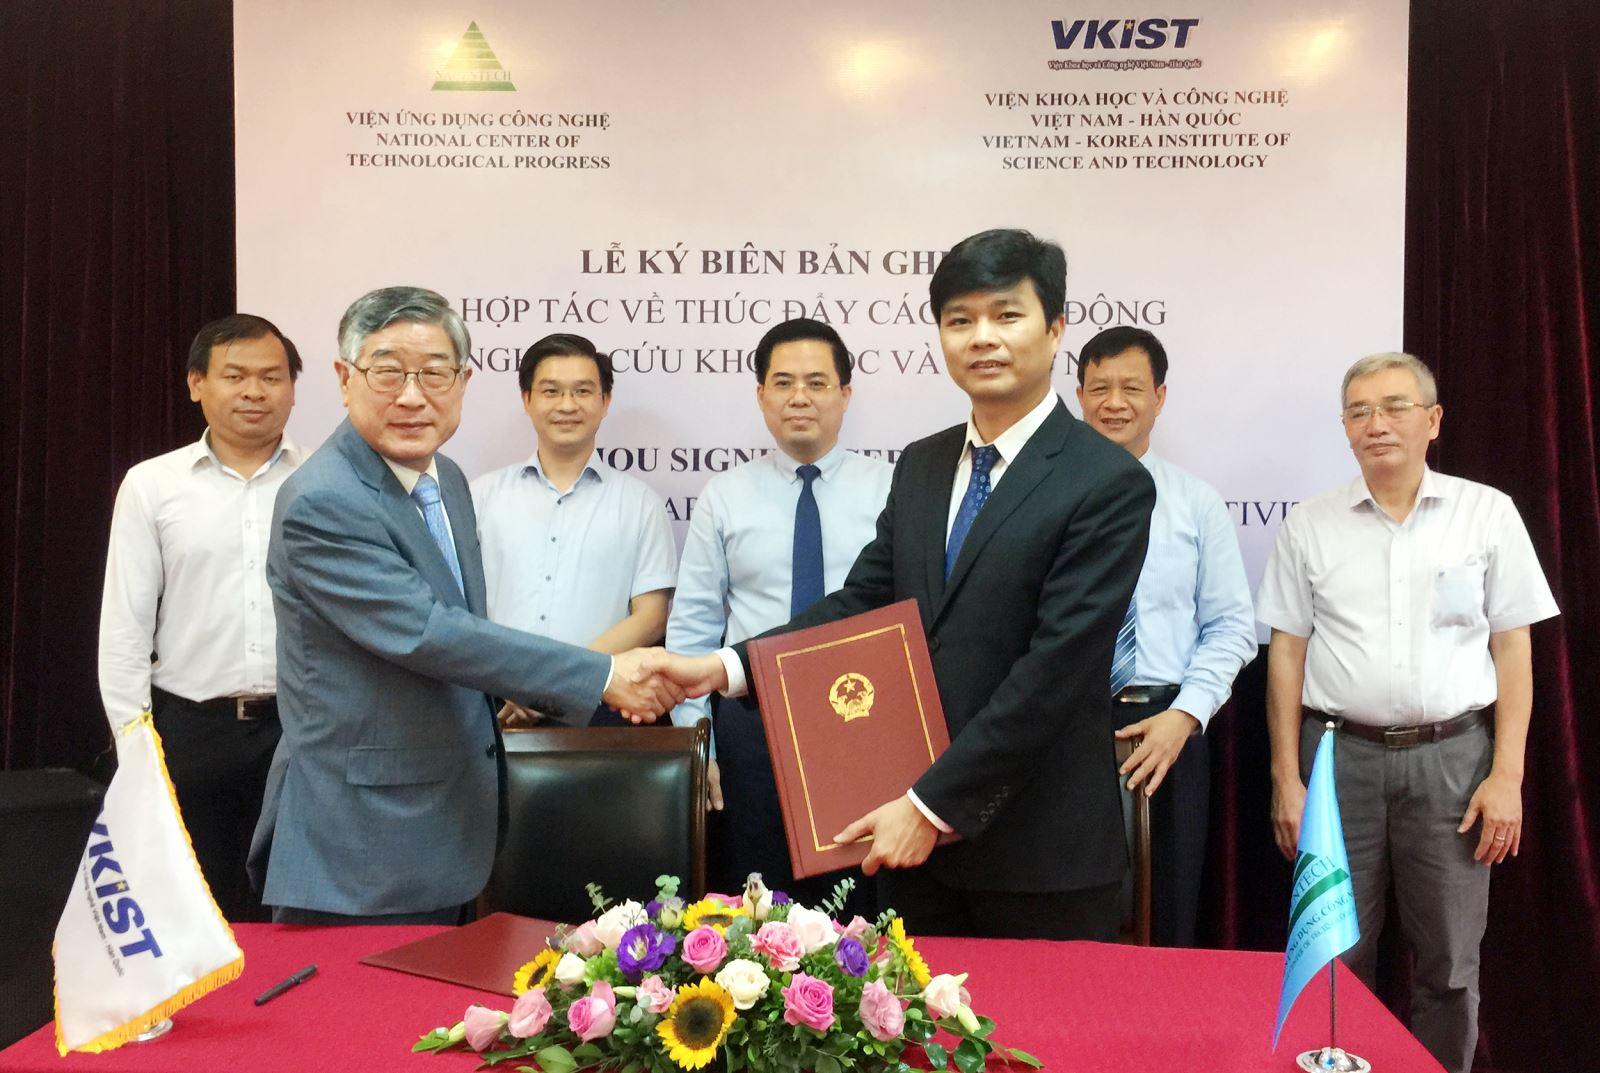 VKIST và Viện Ứng dụng Công nghệ ký kết hợp tác thúc đẩy hoạt động nghiên cứu KH&CN